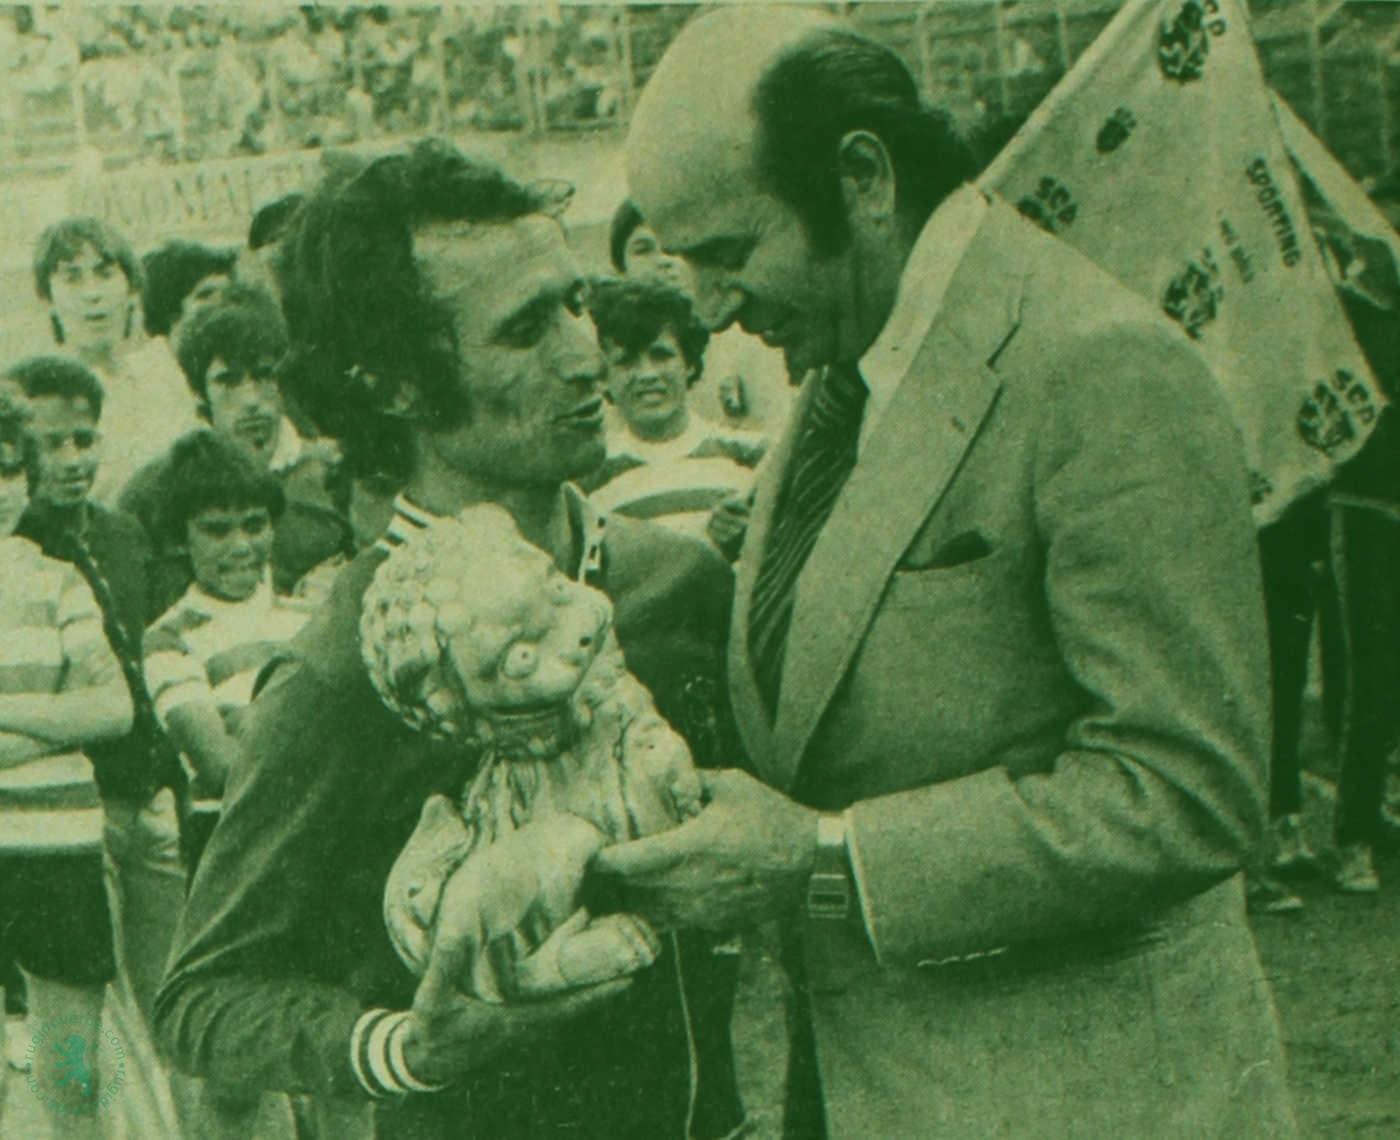 Em 1978, Aldegalega – Uma homenagem merecida